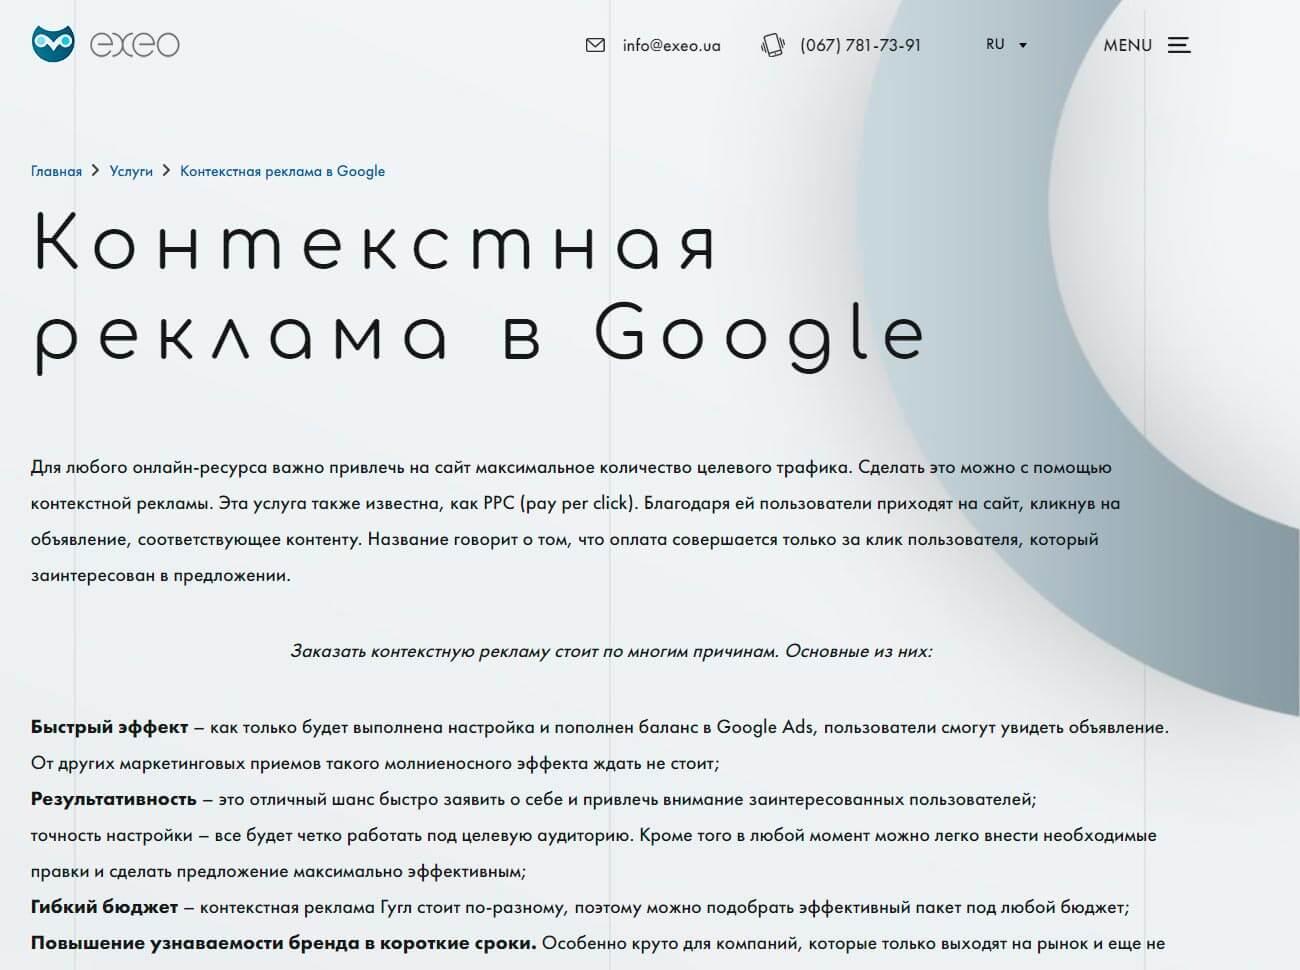 Exeo - обзор компании, услуги, отзывы, клиенты | Google SEO, Фото № 2 - google-seo.pro